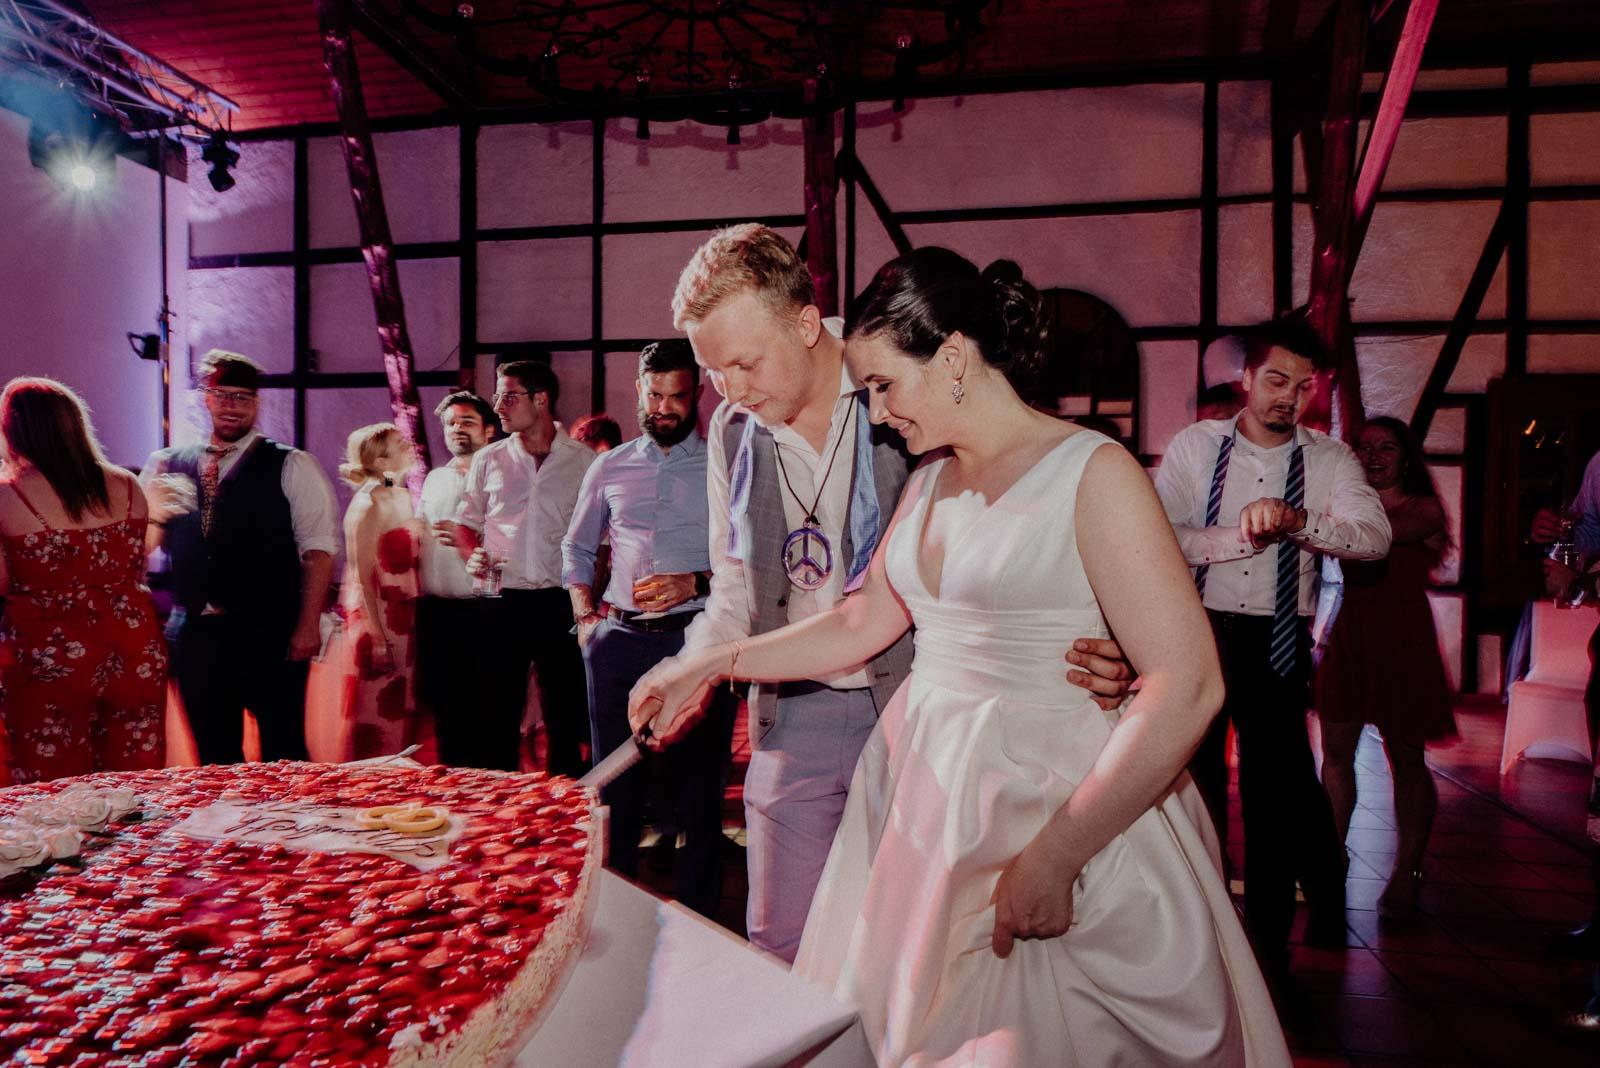 Tortenanschnitt waehrend der Hochzeitsparty